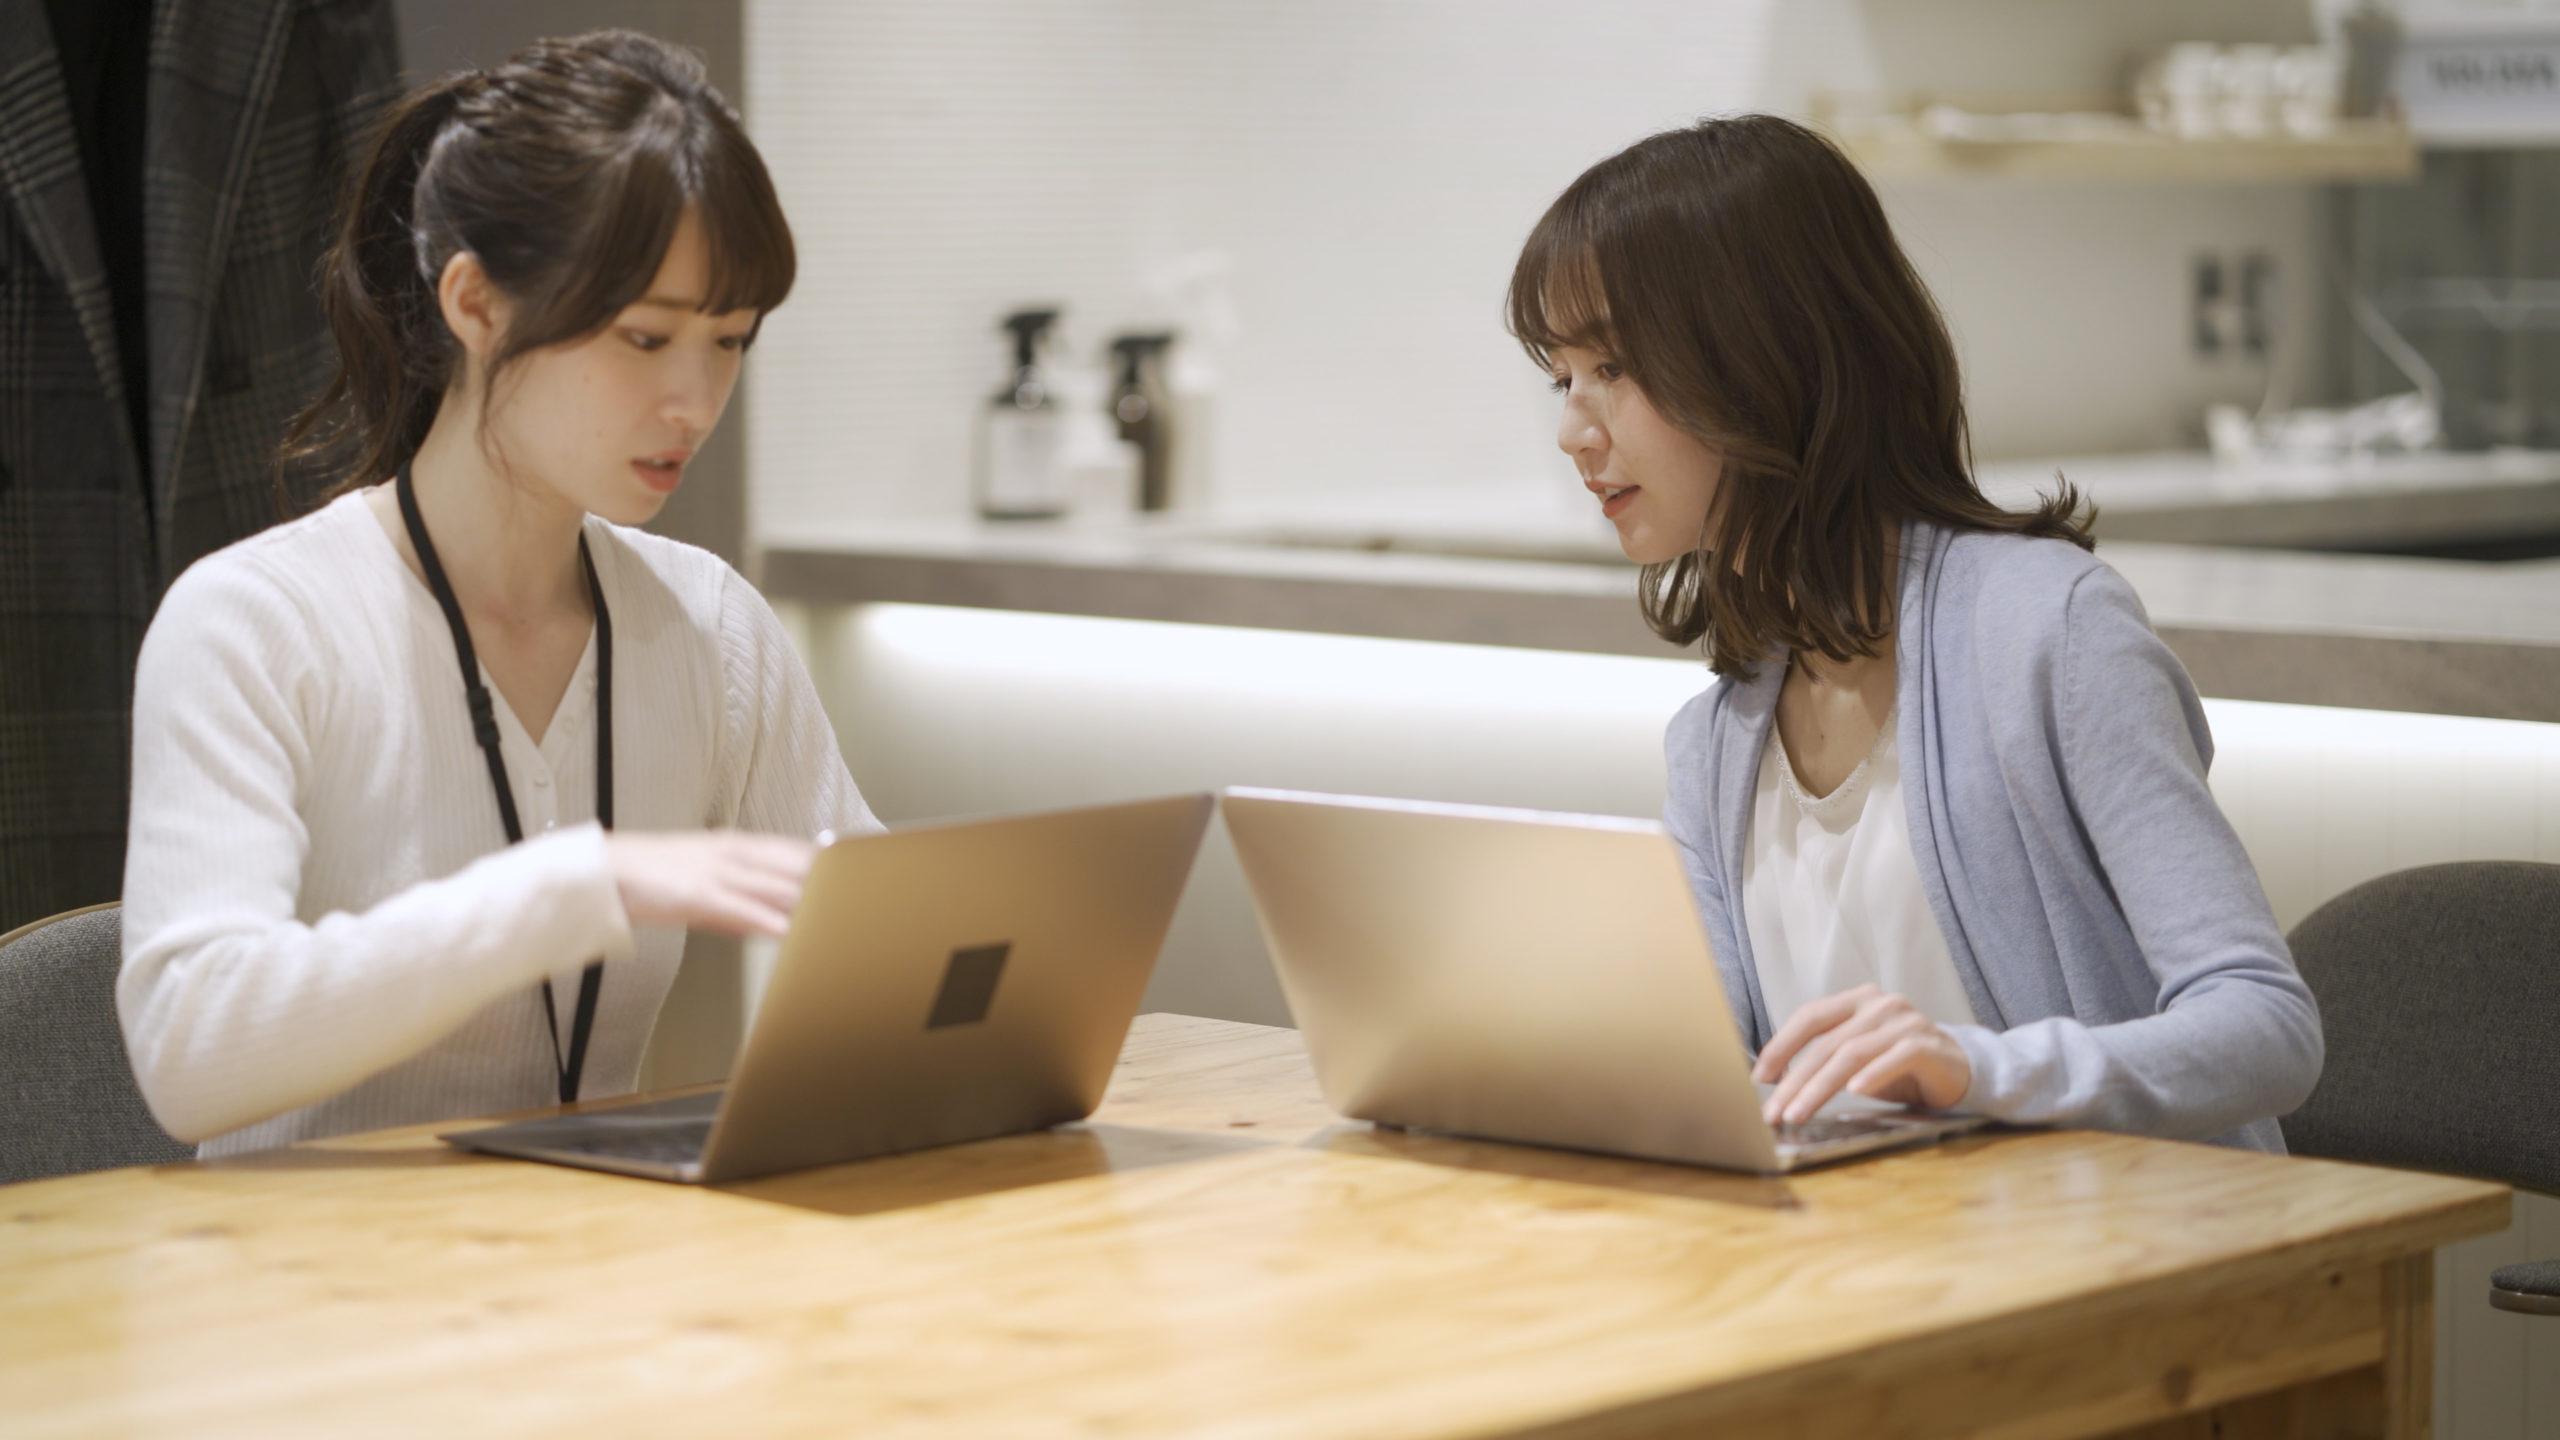 パソコン画面を前に話し込む女性の写真